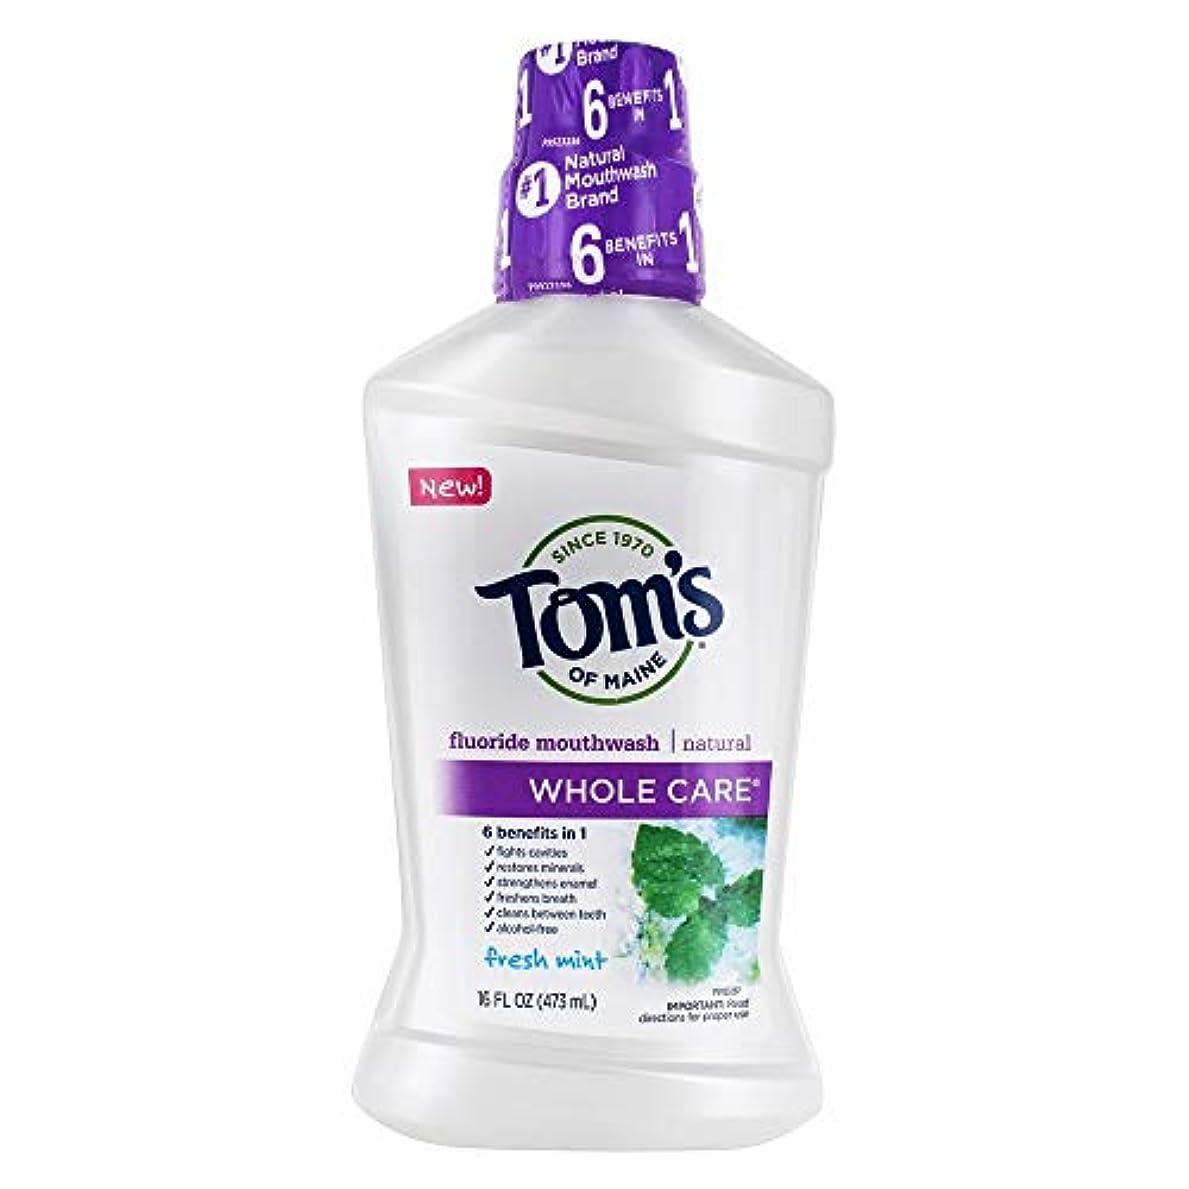 偏差インデックス全部Tom's 全体のケアフッ化物洗口液、フレッシュミント、16液量オンス